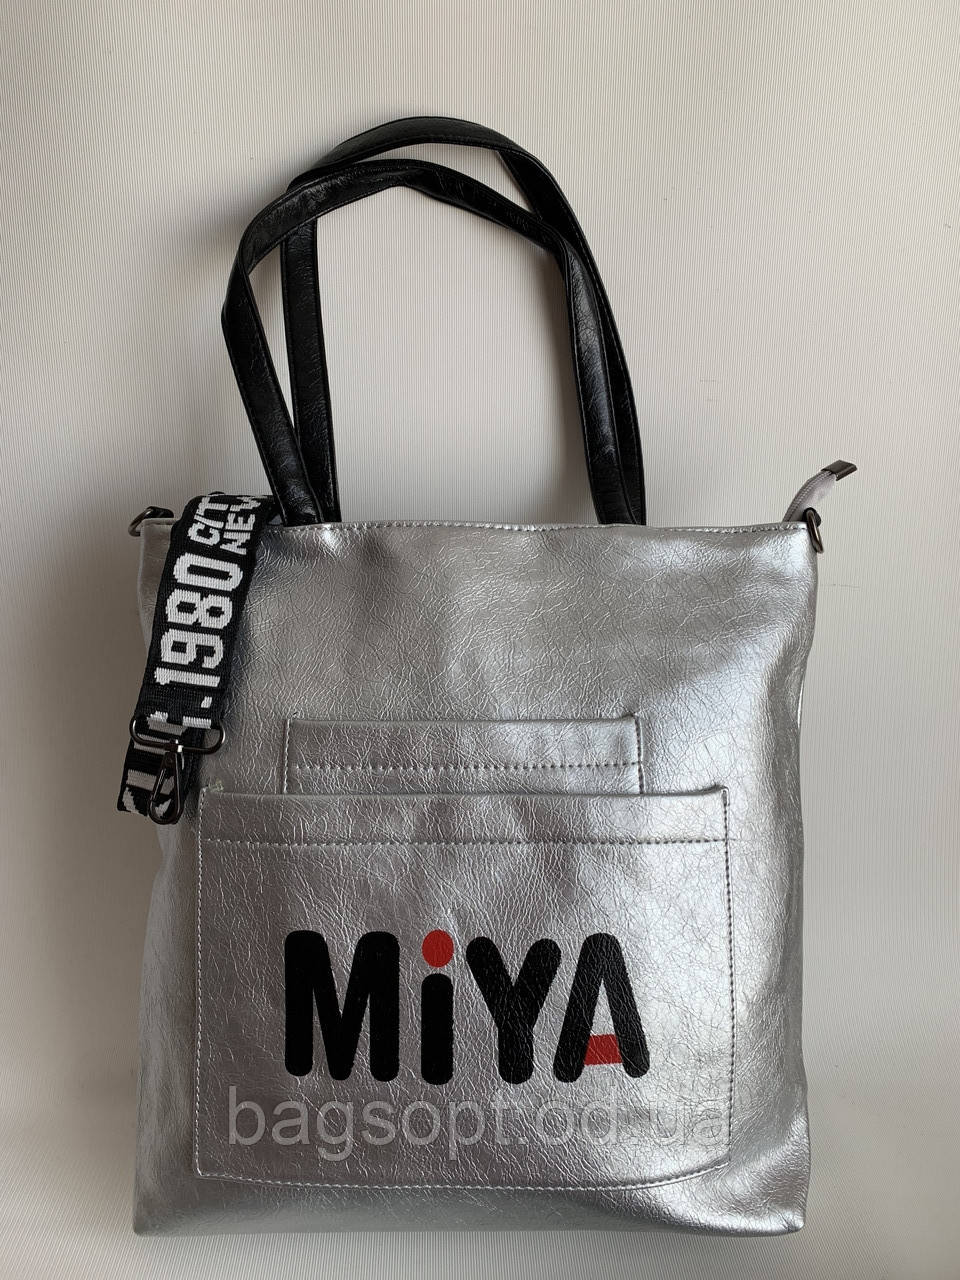 Женская повседневная сумка шоппер серебристого цвета с плечевым ремнем